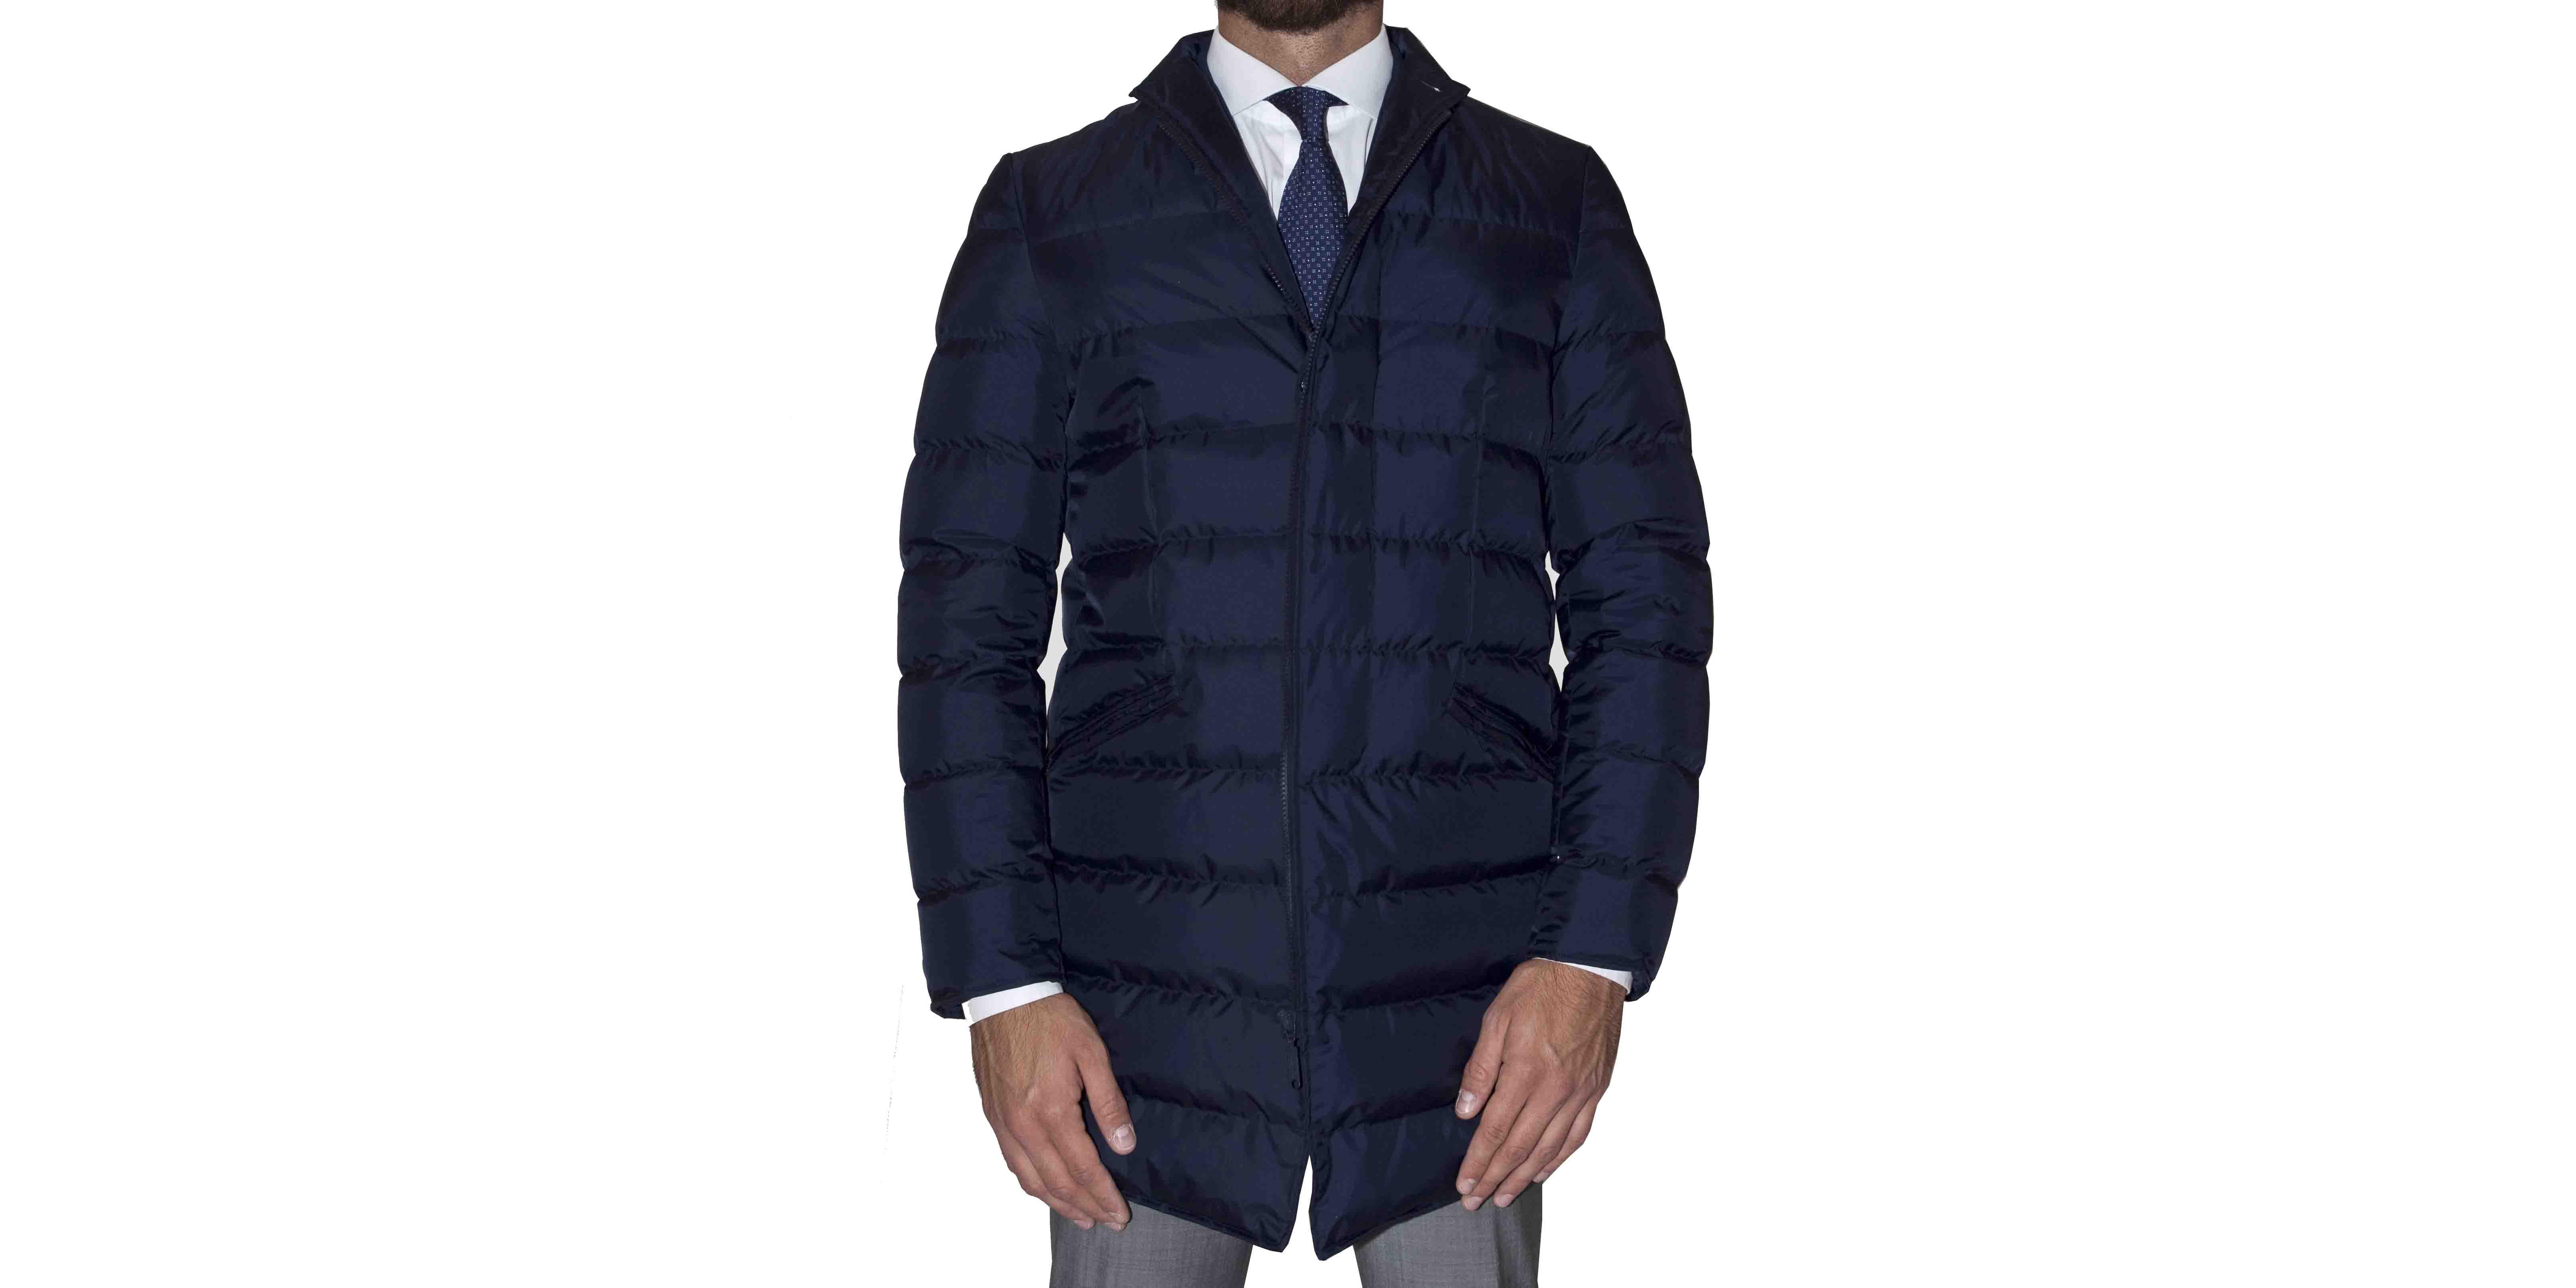 online store 1c50d 618cb Giubbotto Aspesi uomo, Trench e piumino. ASP351